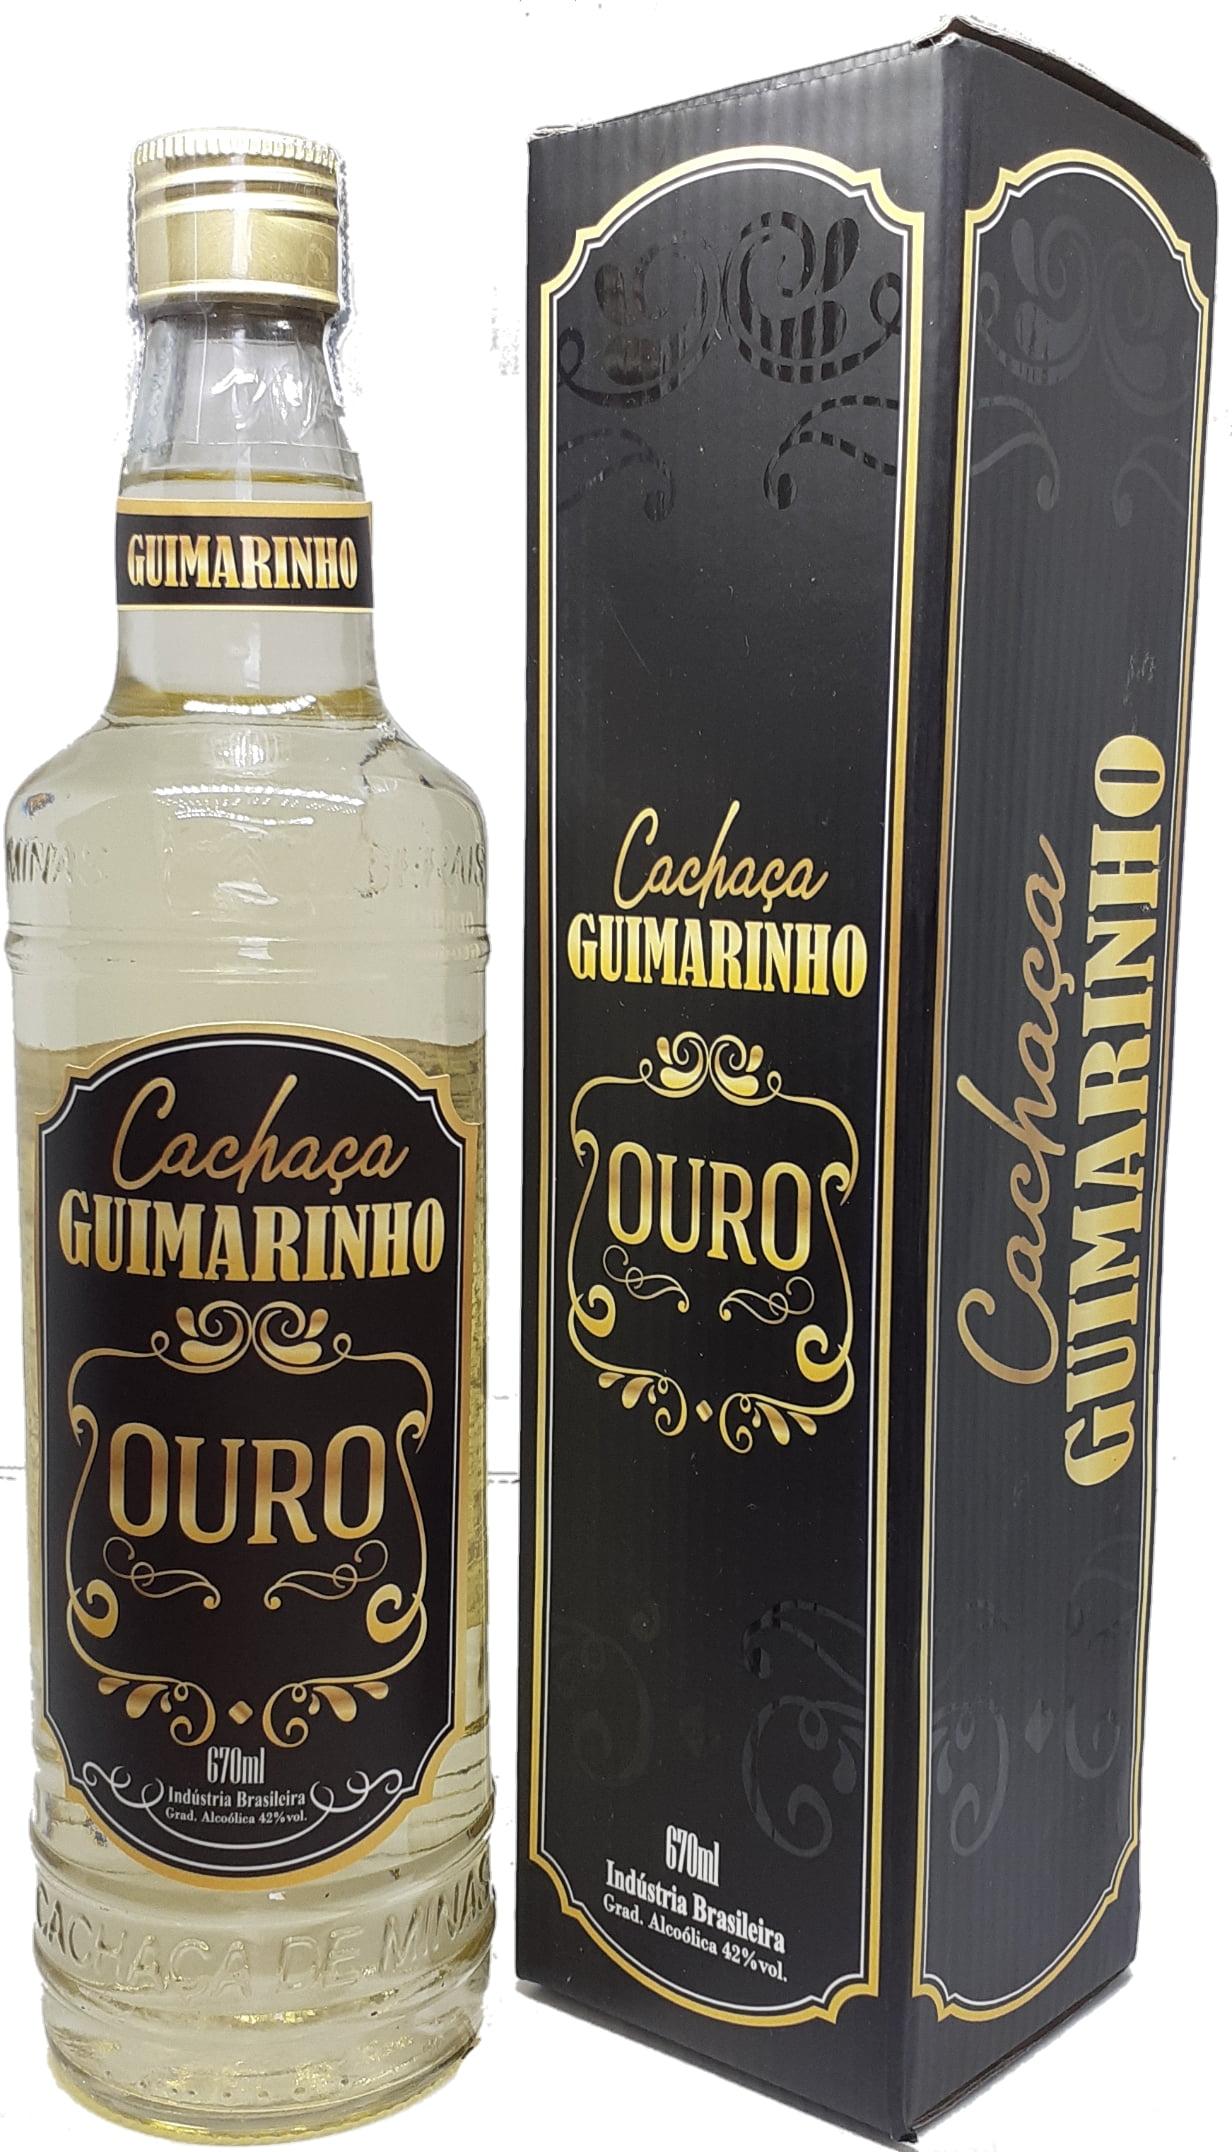 Cachaça Guimarinho Ouro  670 ml